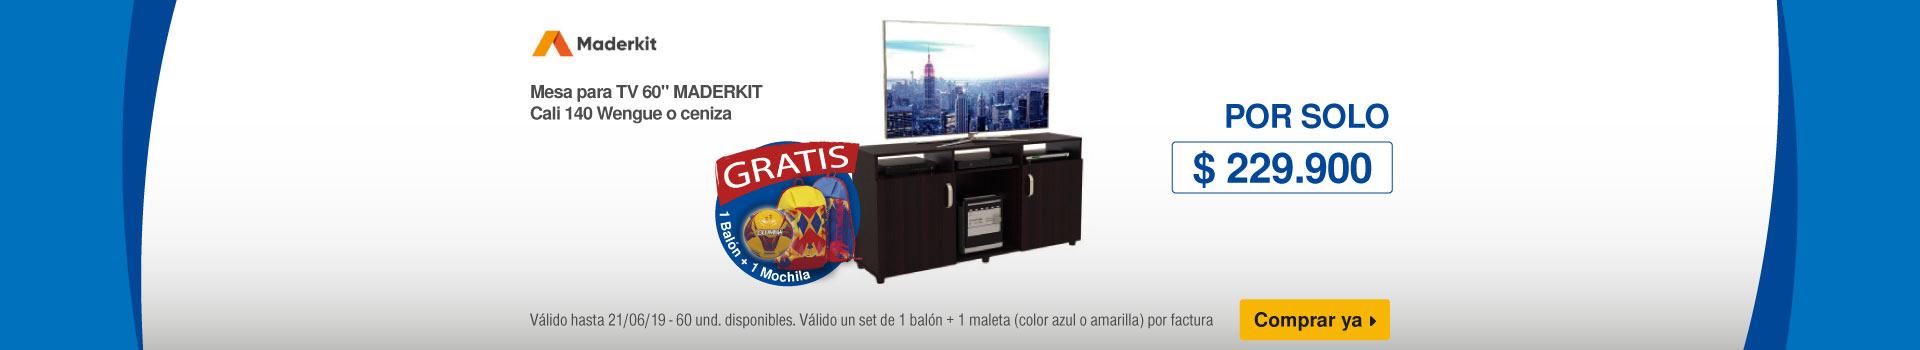 AK-MADERKIT-MESA-TV-CALI140-MUEB-2-JUN13